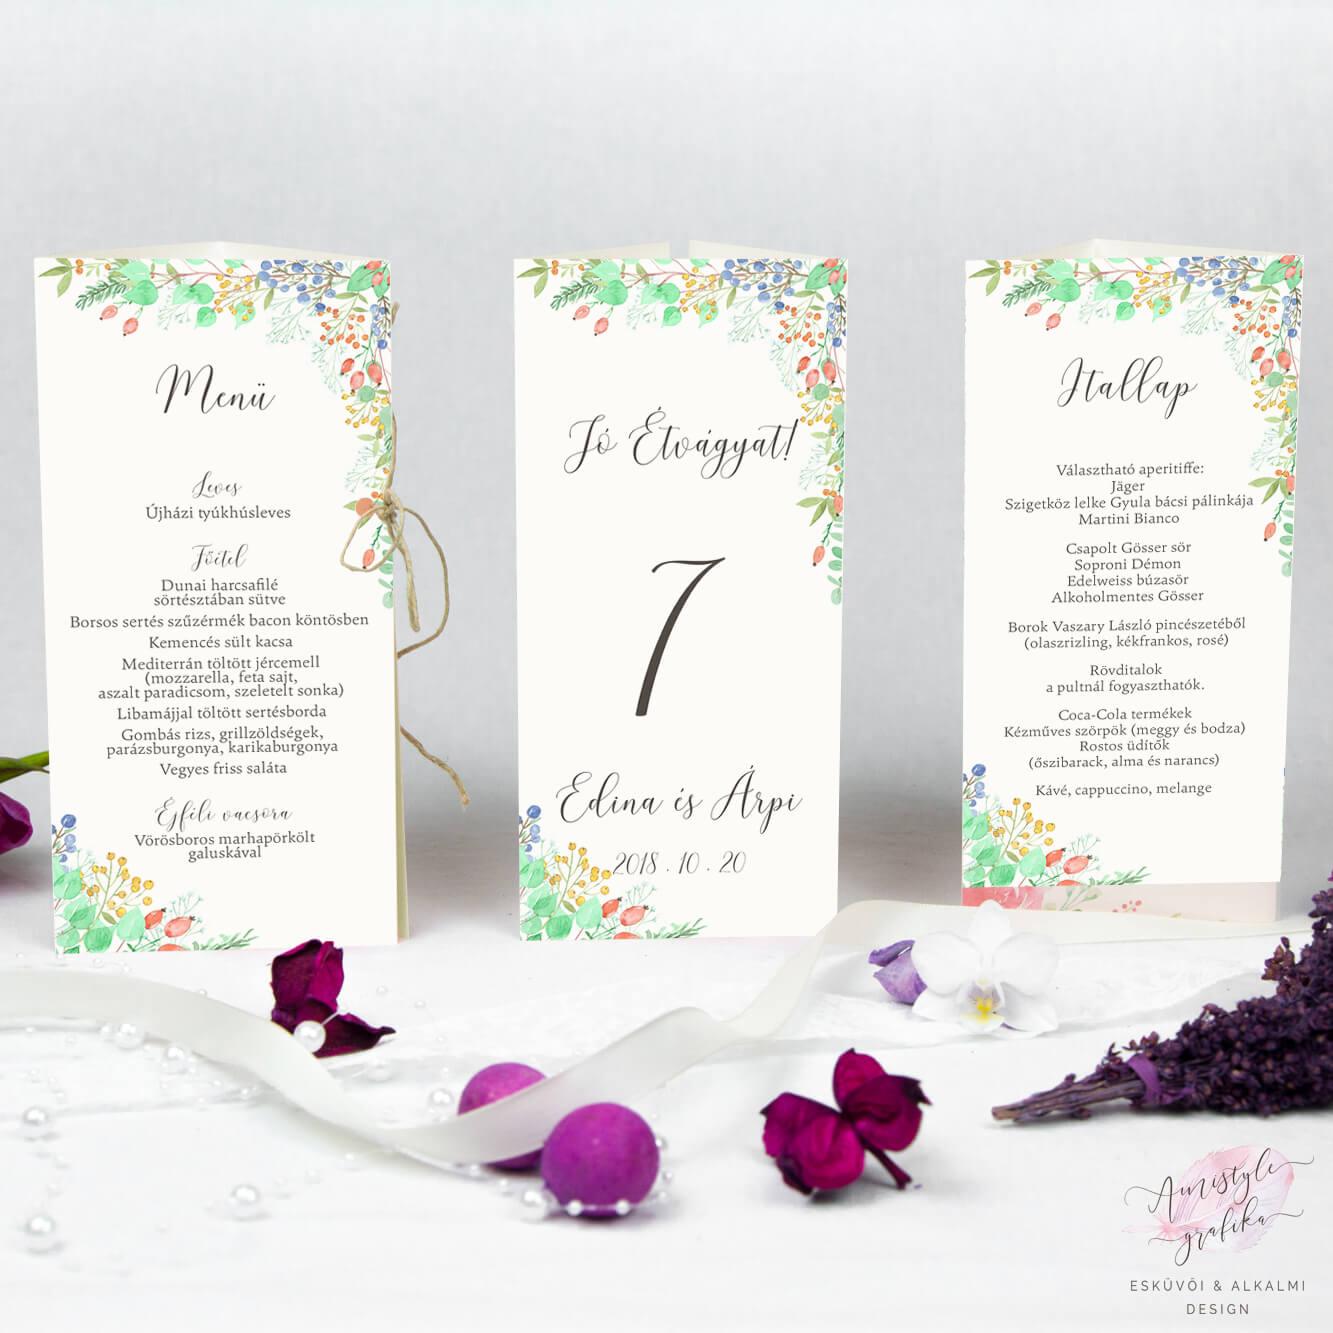 Fall Berry Esküvői Háromszög Menü